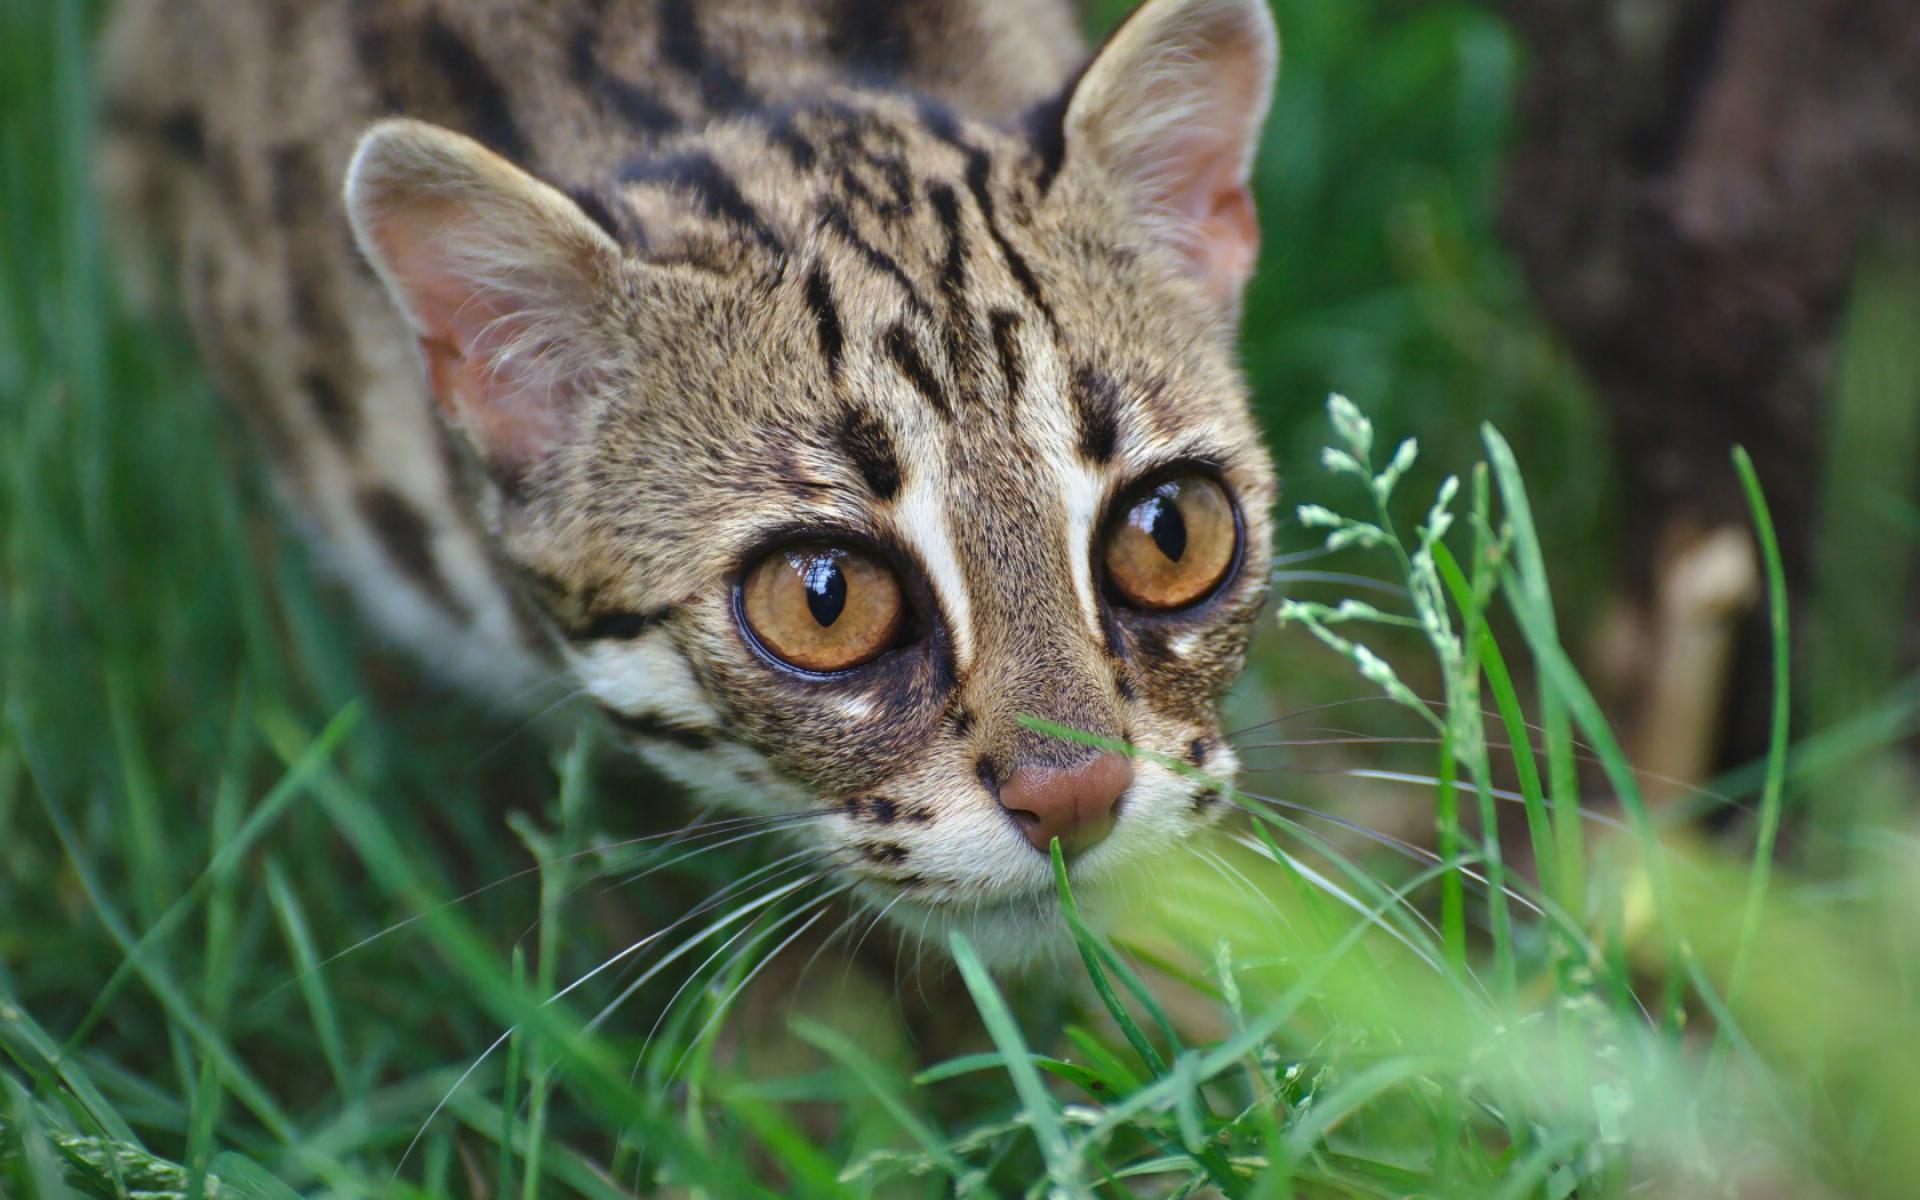 Картинки Оцелот, дикая кошка, леопард, морда, трава фото и обои на рабочий стол